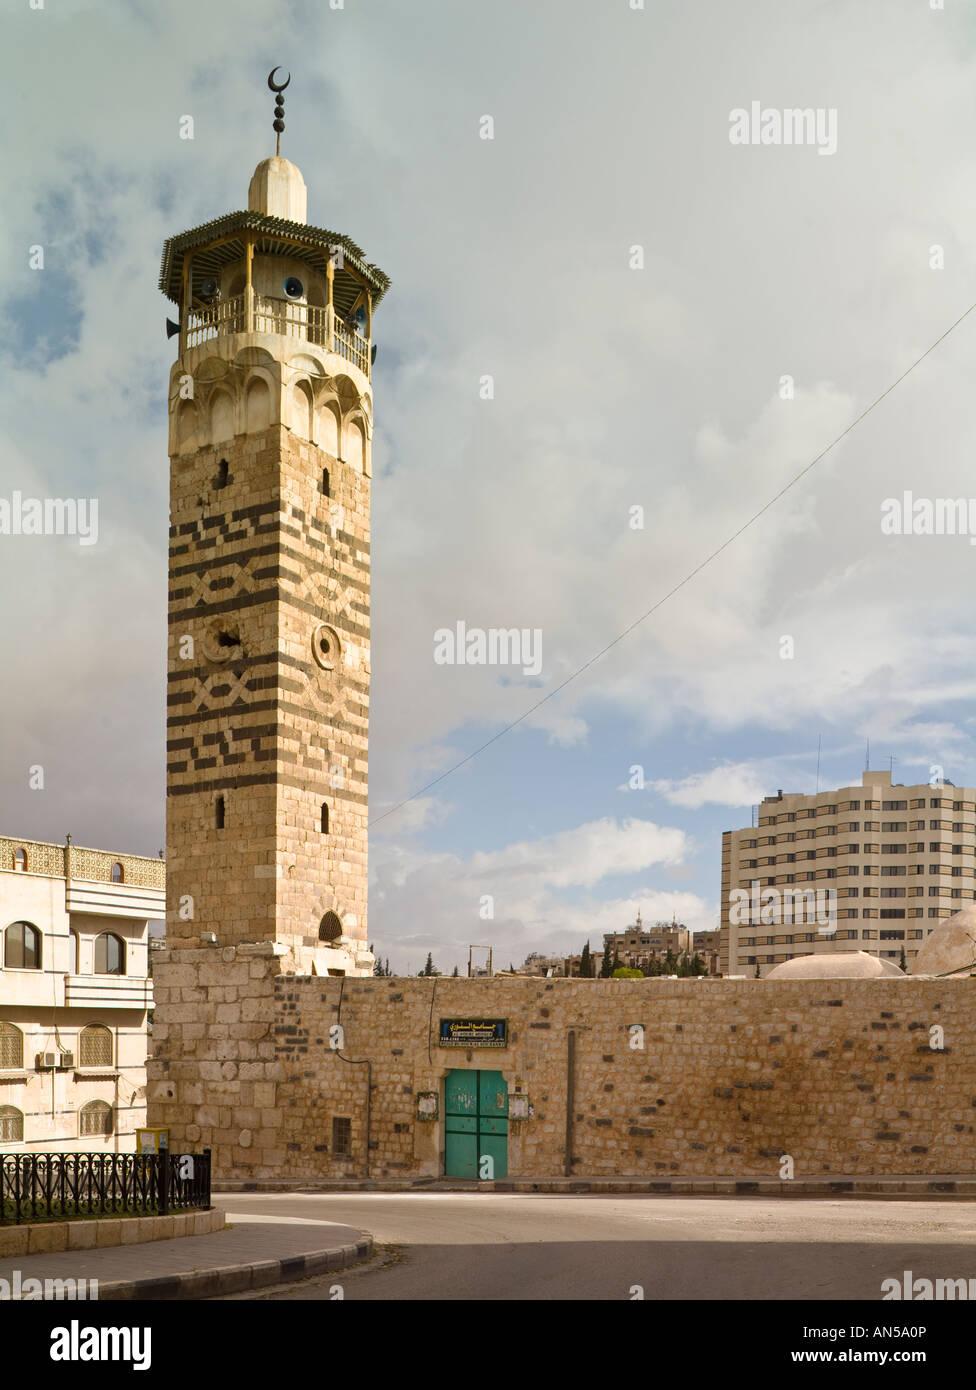 Mosque of Nur al-Din, Hama, Syria - Stock Image